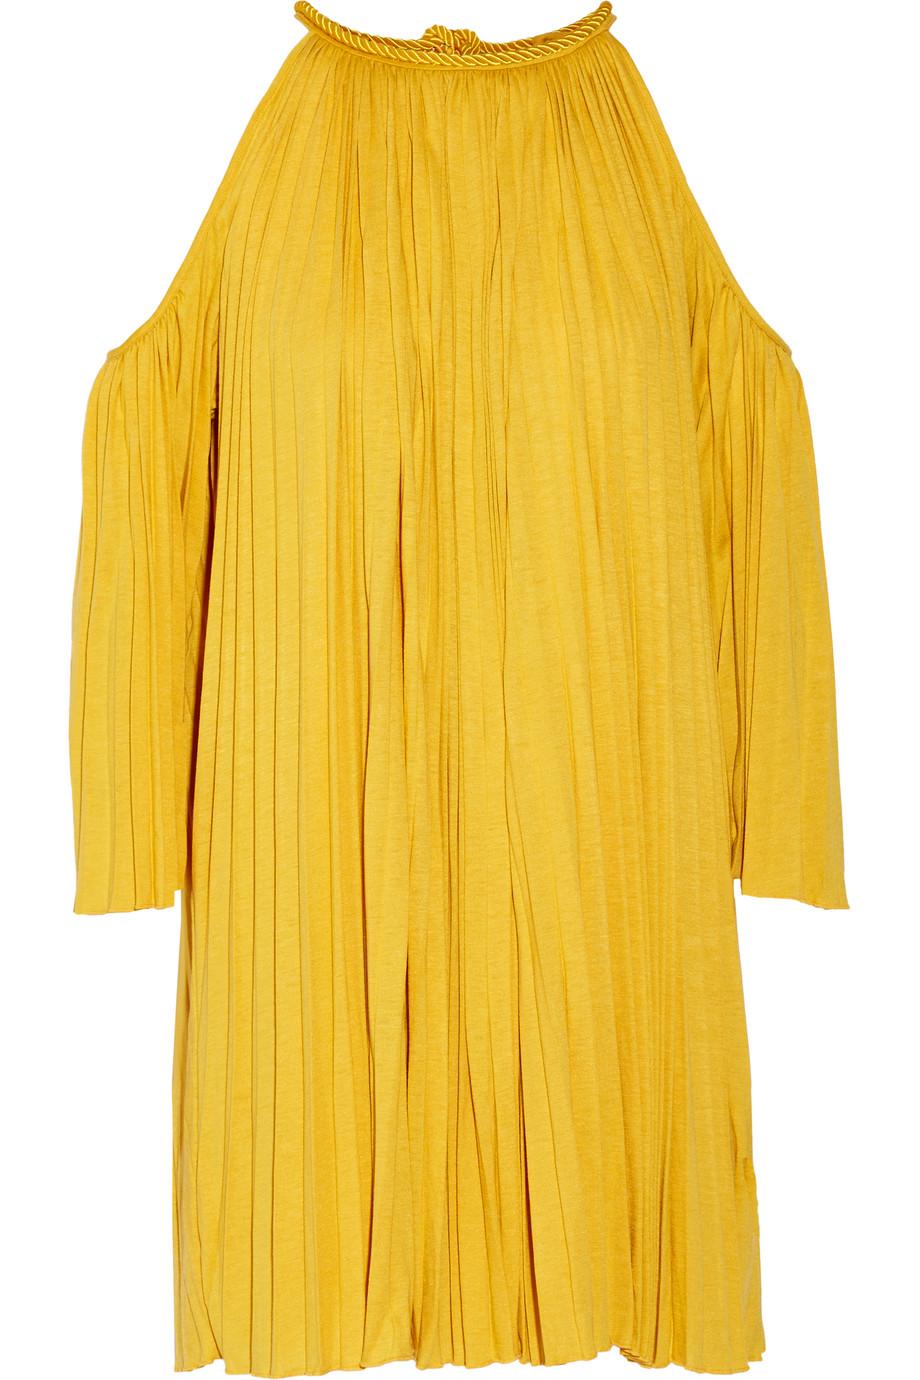 Nancy Cutout Plissé Silk-Blend Jersey Mini Dress, Size: XS